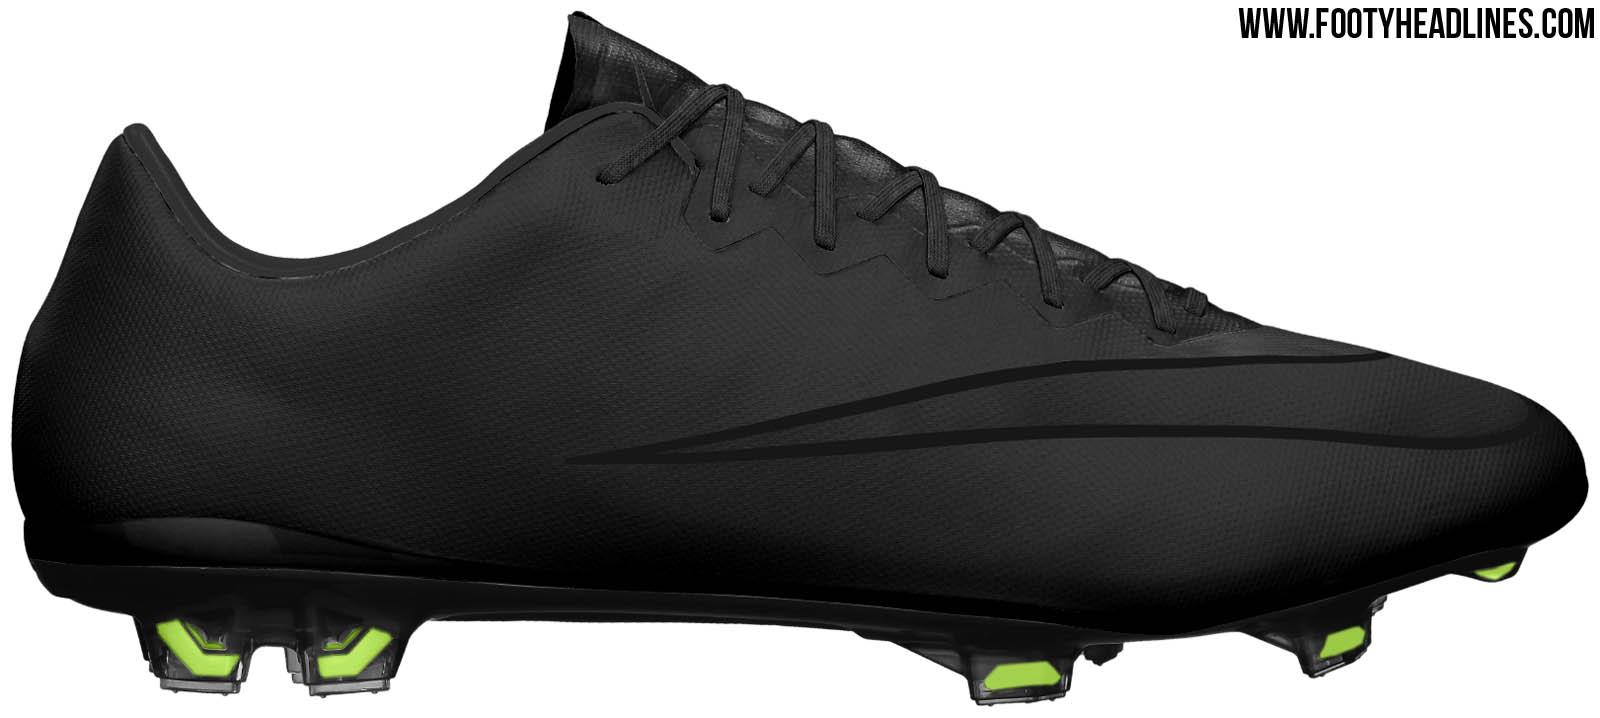 3c8e825911d04 nike mercurial vapor x blackout Nike Flyknit Roshe One ...